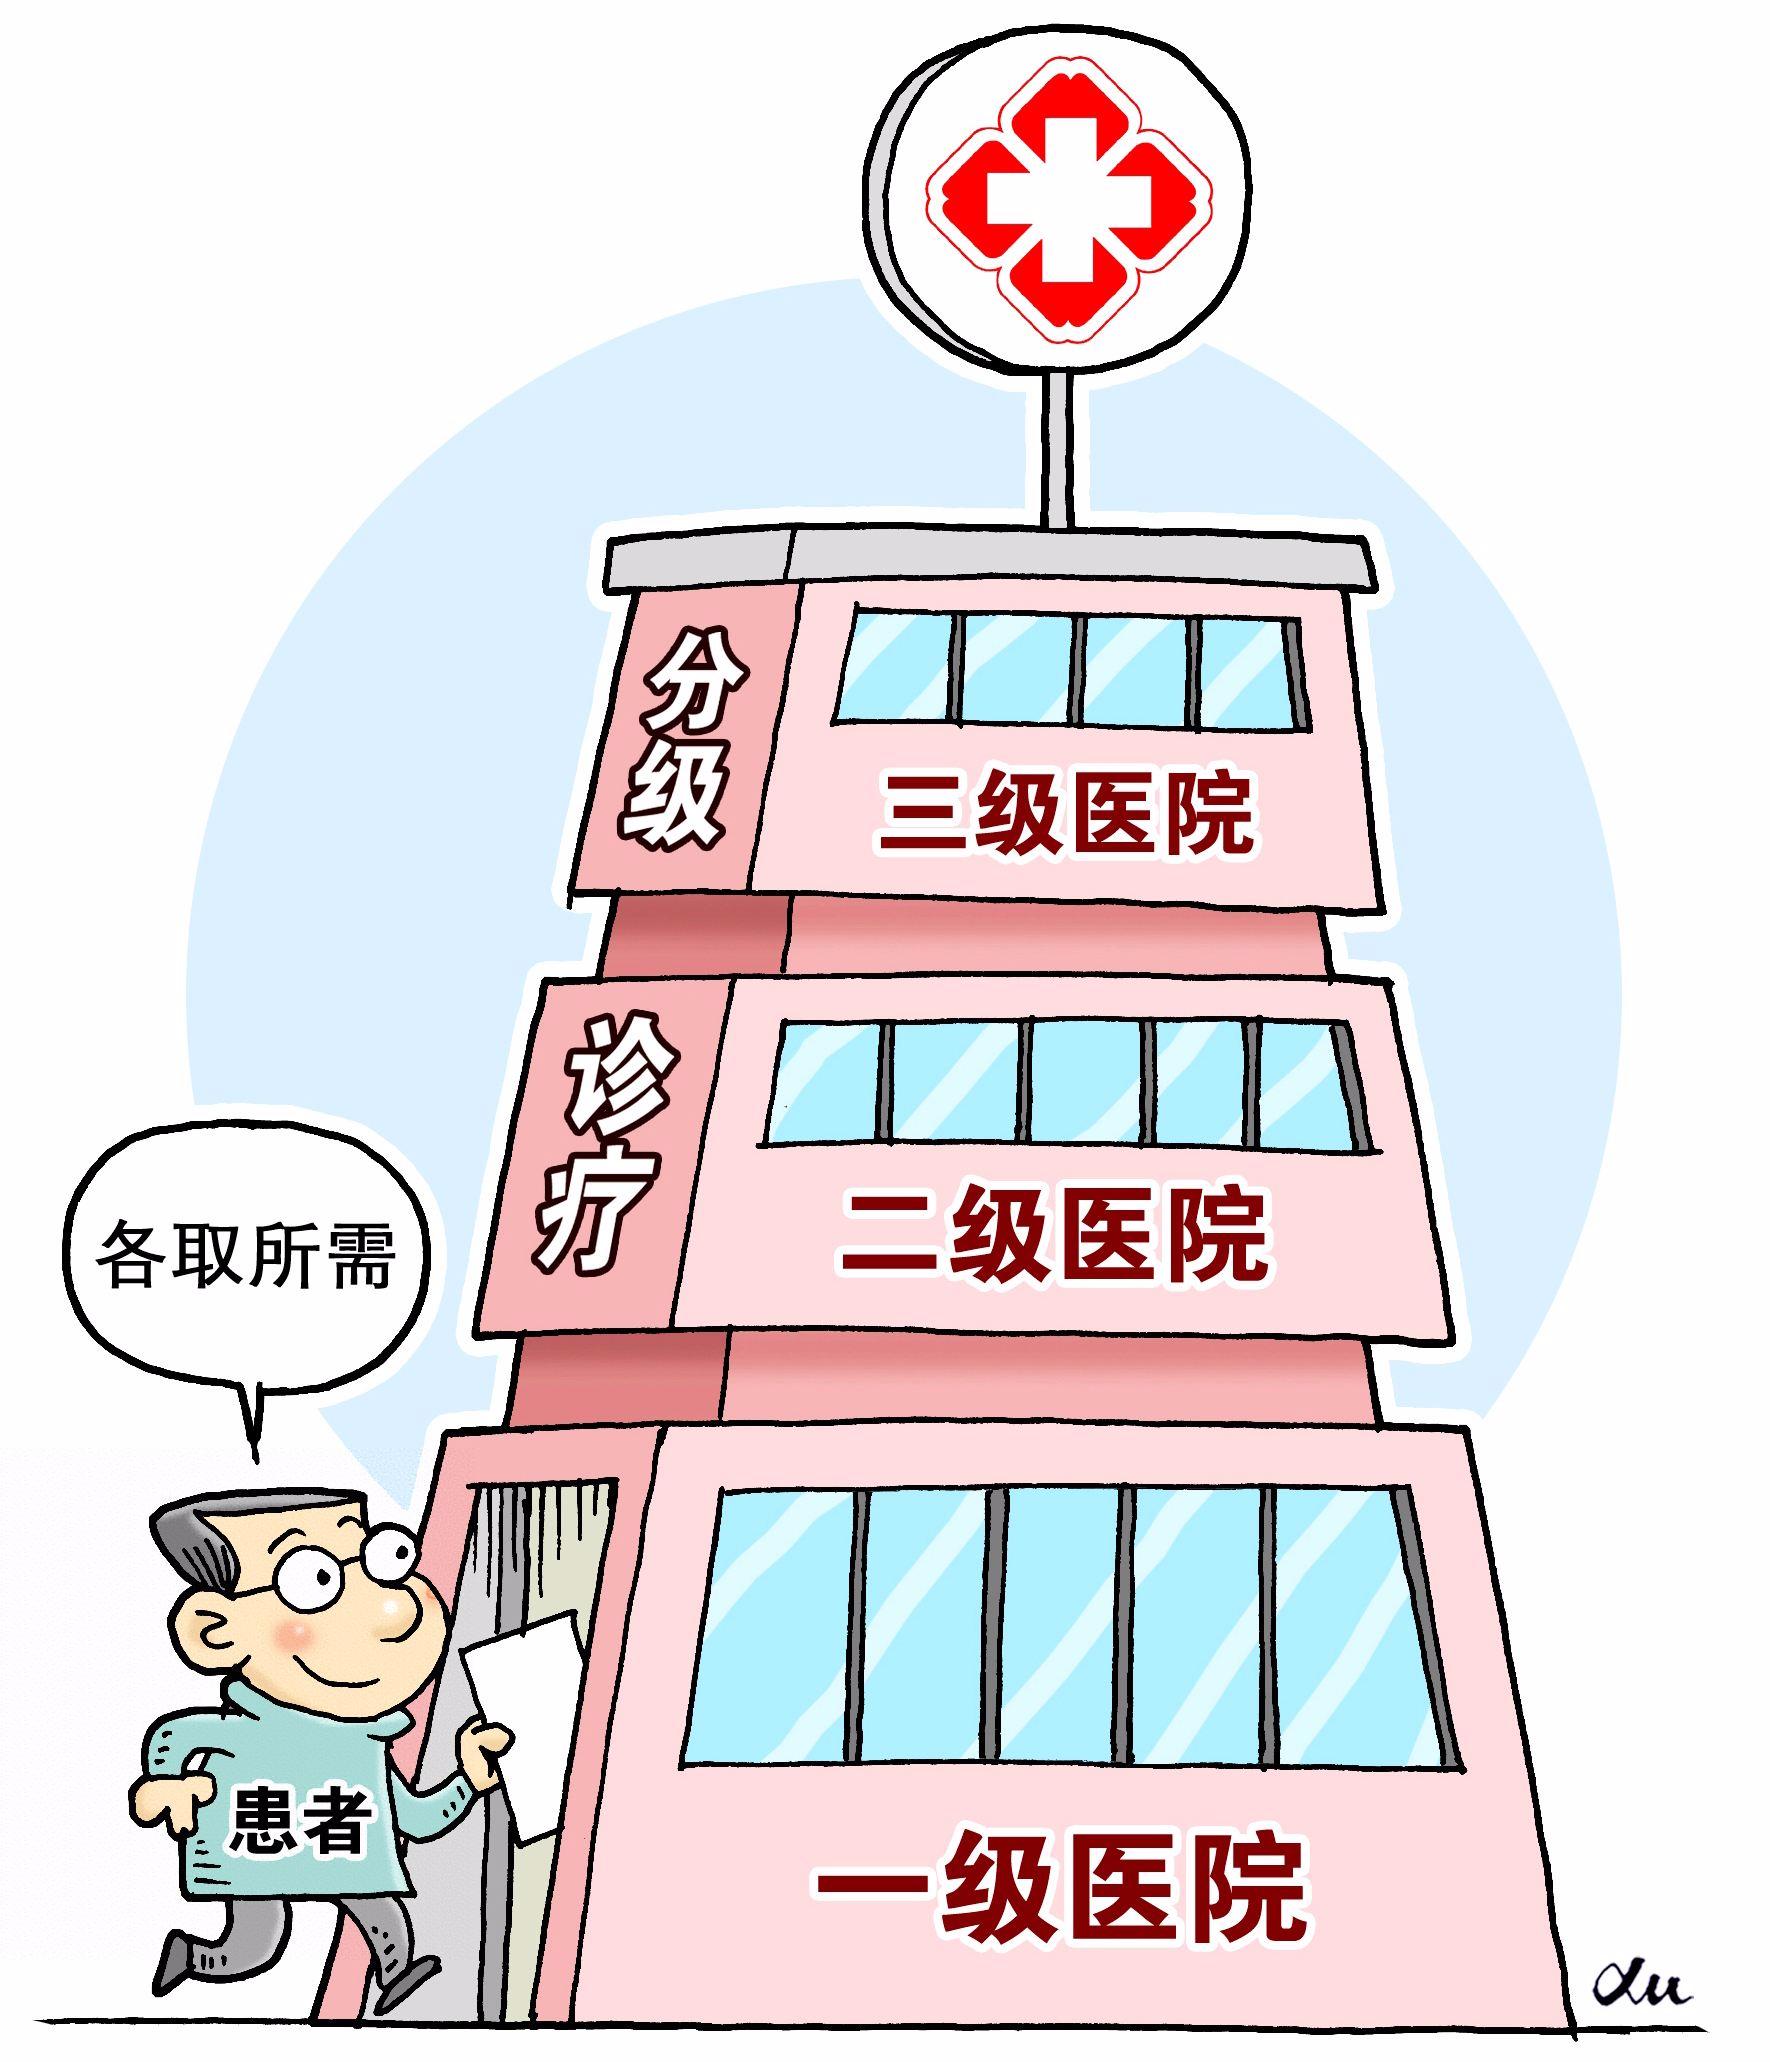 南昌开展县域医疗服务共同体 建设推动医务人员向基层流